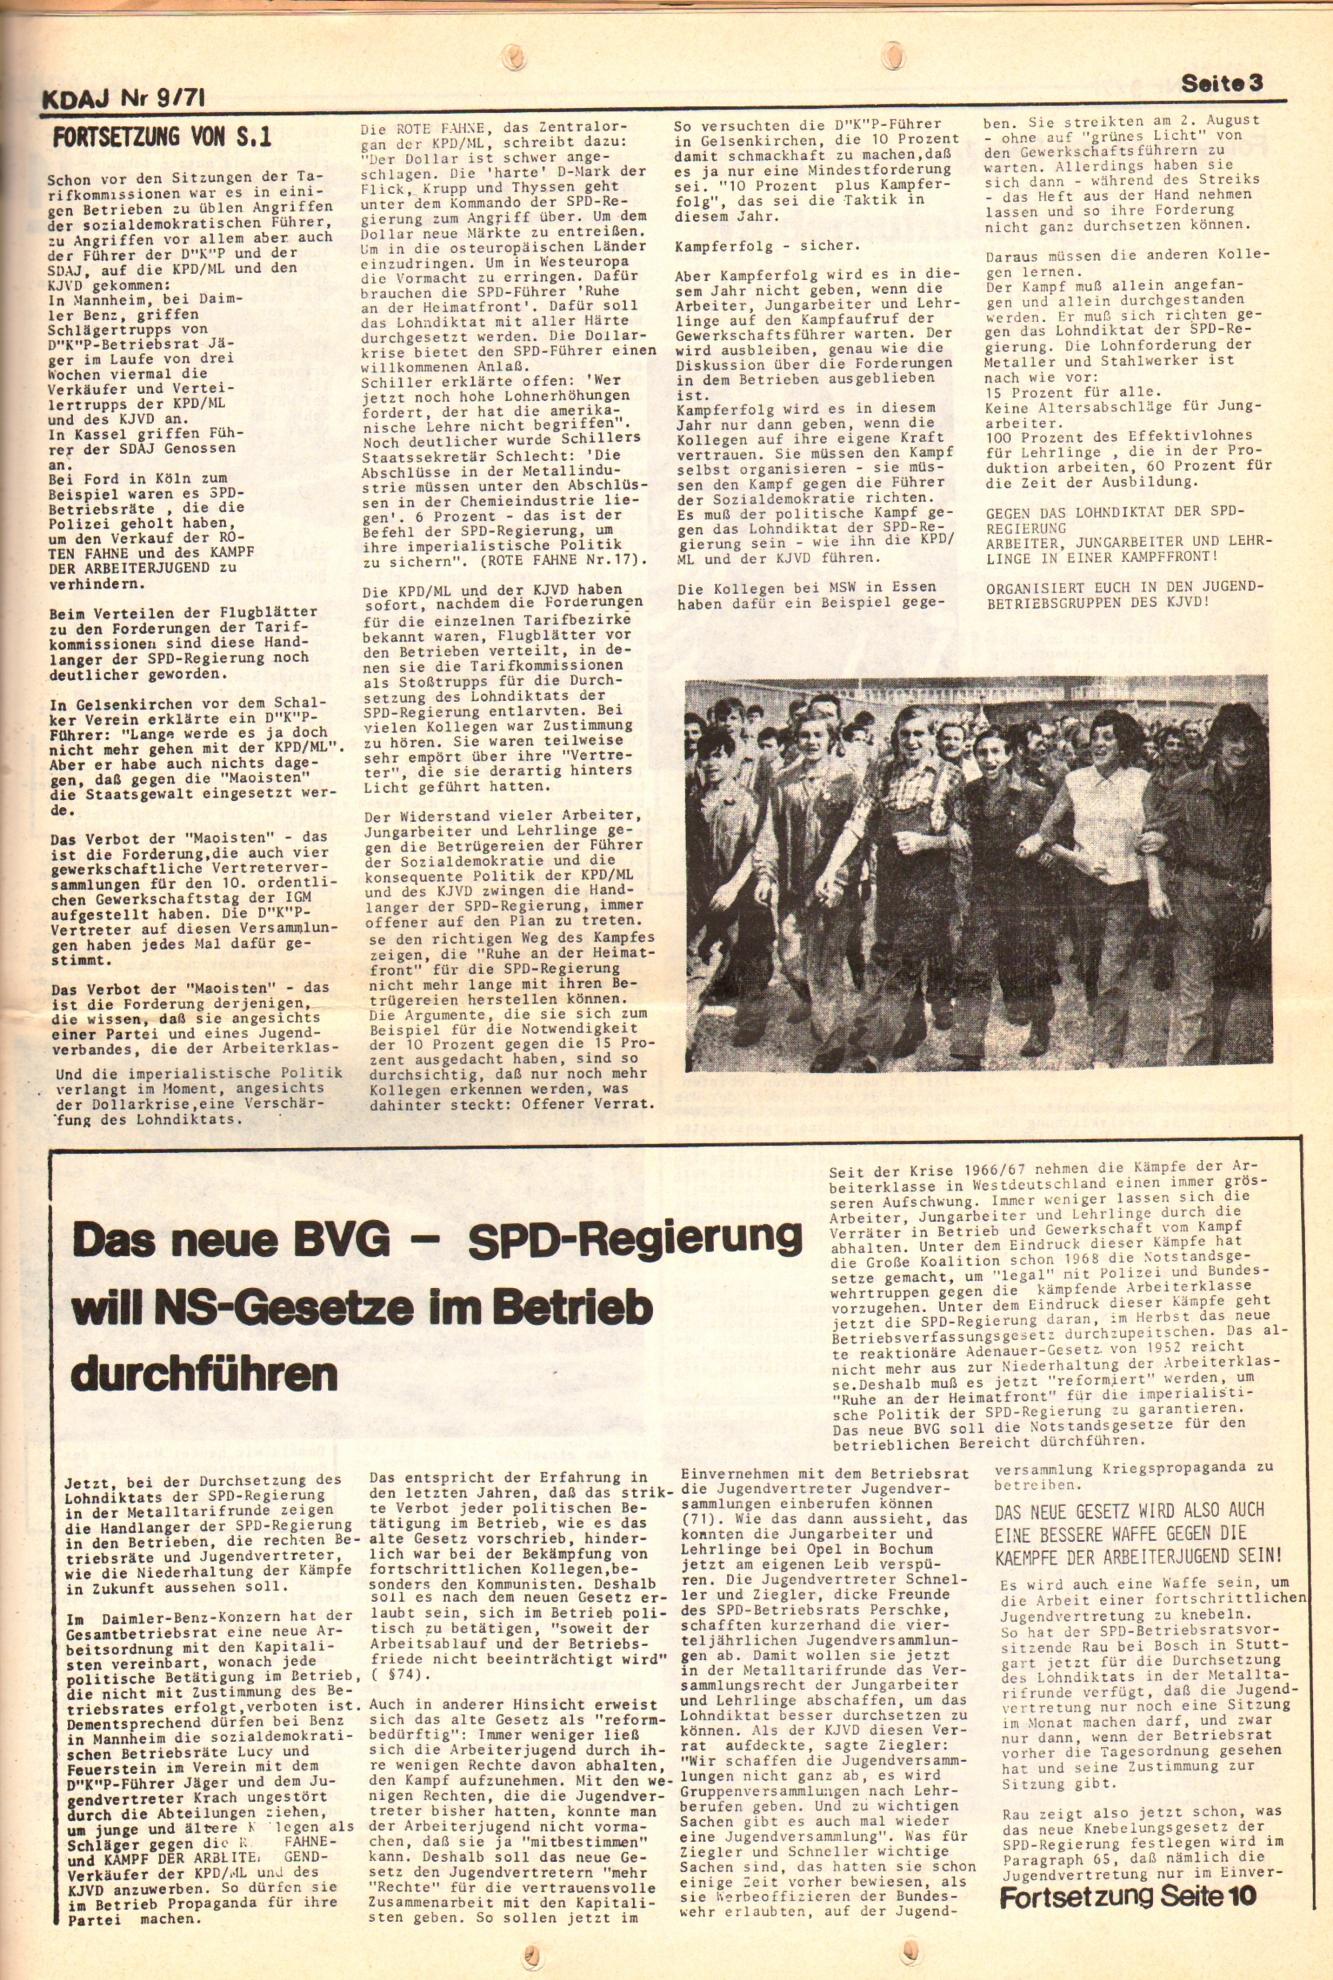 KDAJ, 2. Jg., September 1971, Nr. 9, Seite 3